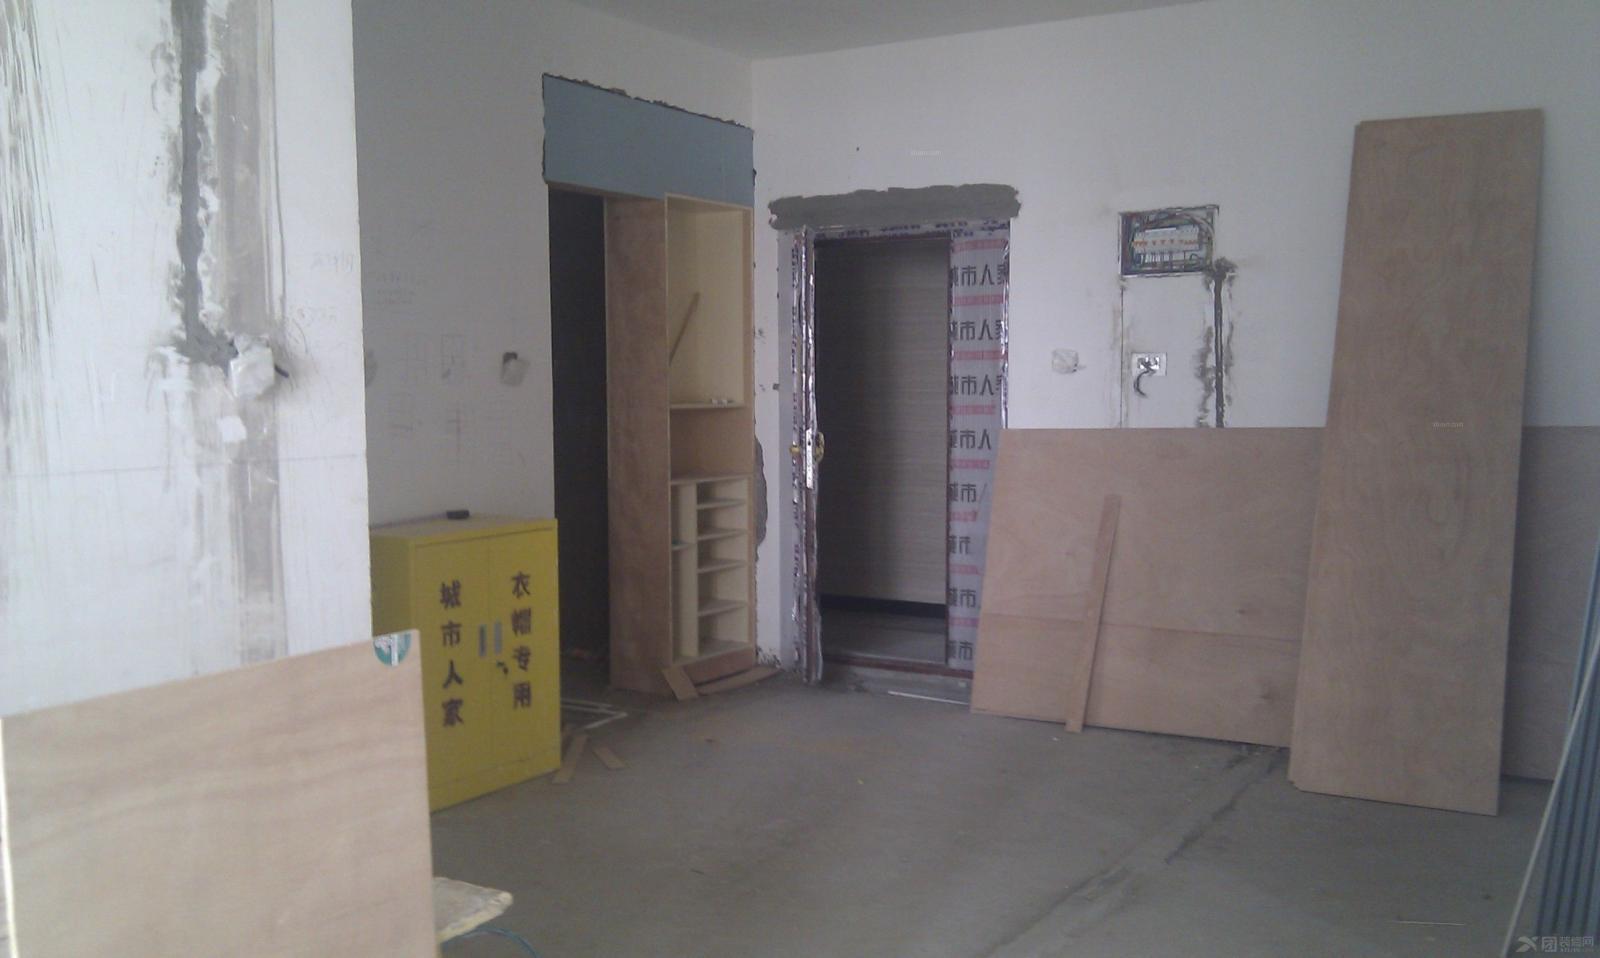 中式别墅客厅装修效果图  房间:客厅 风格:现代简约 装修方式:半包